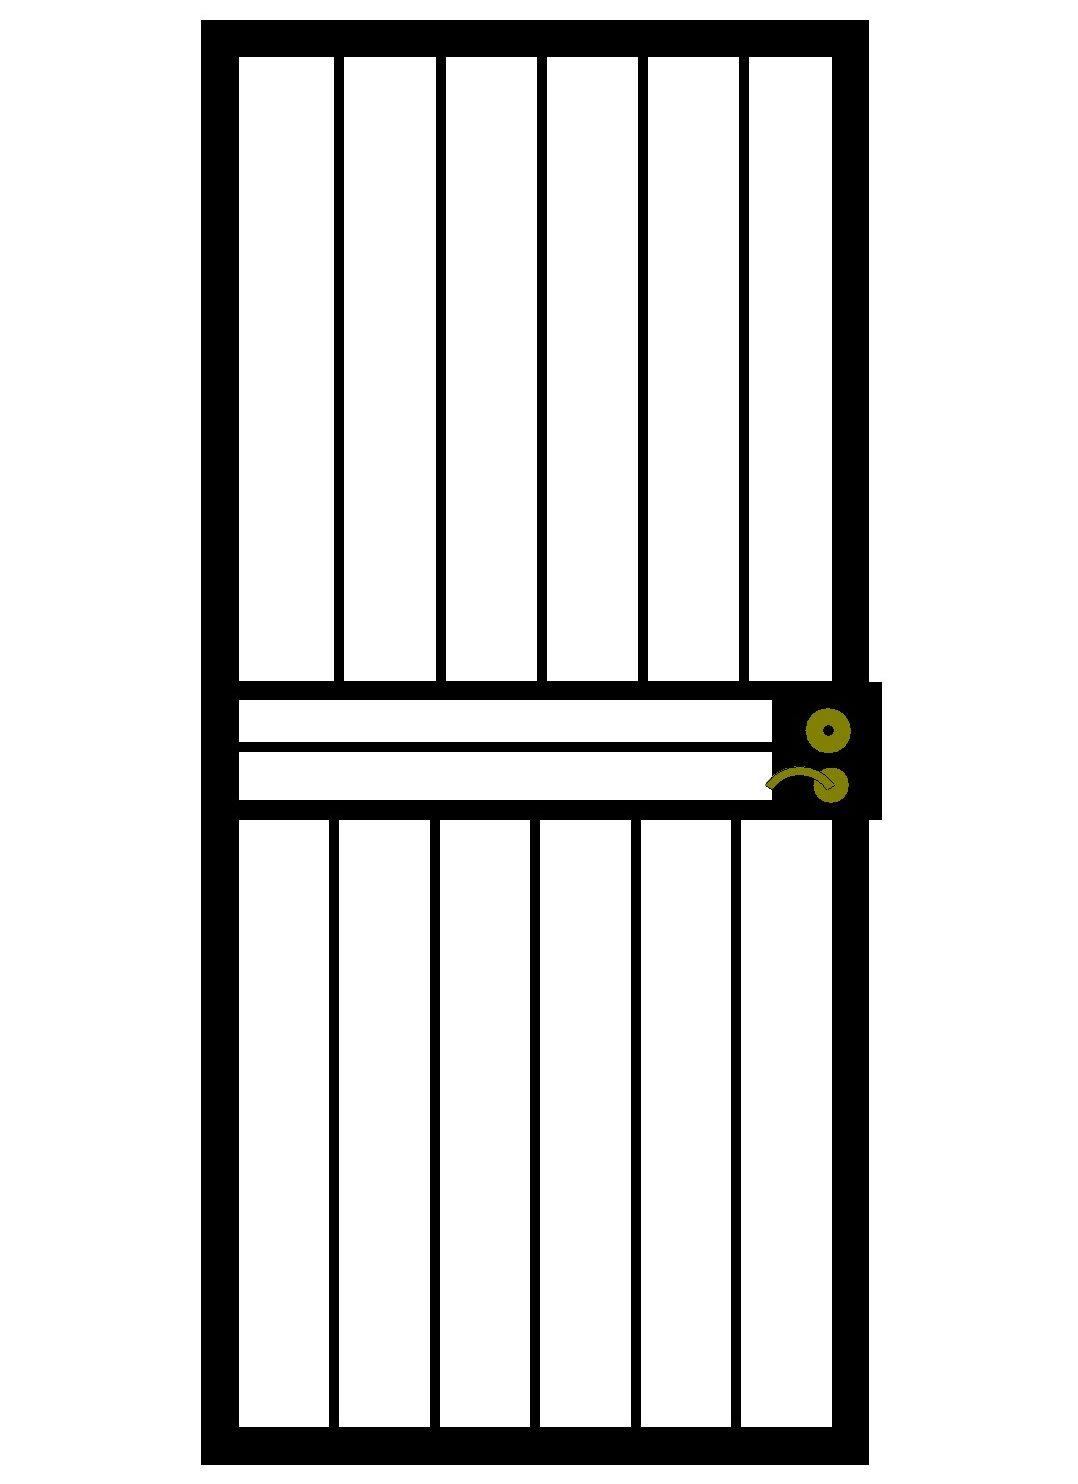 (A) Plain Bar (LB)